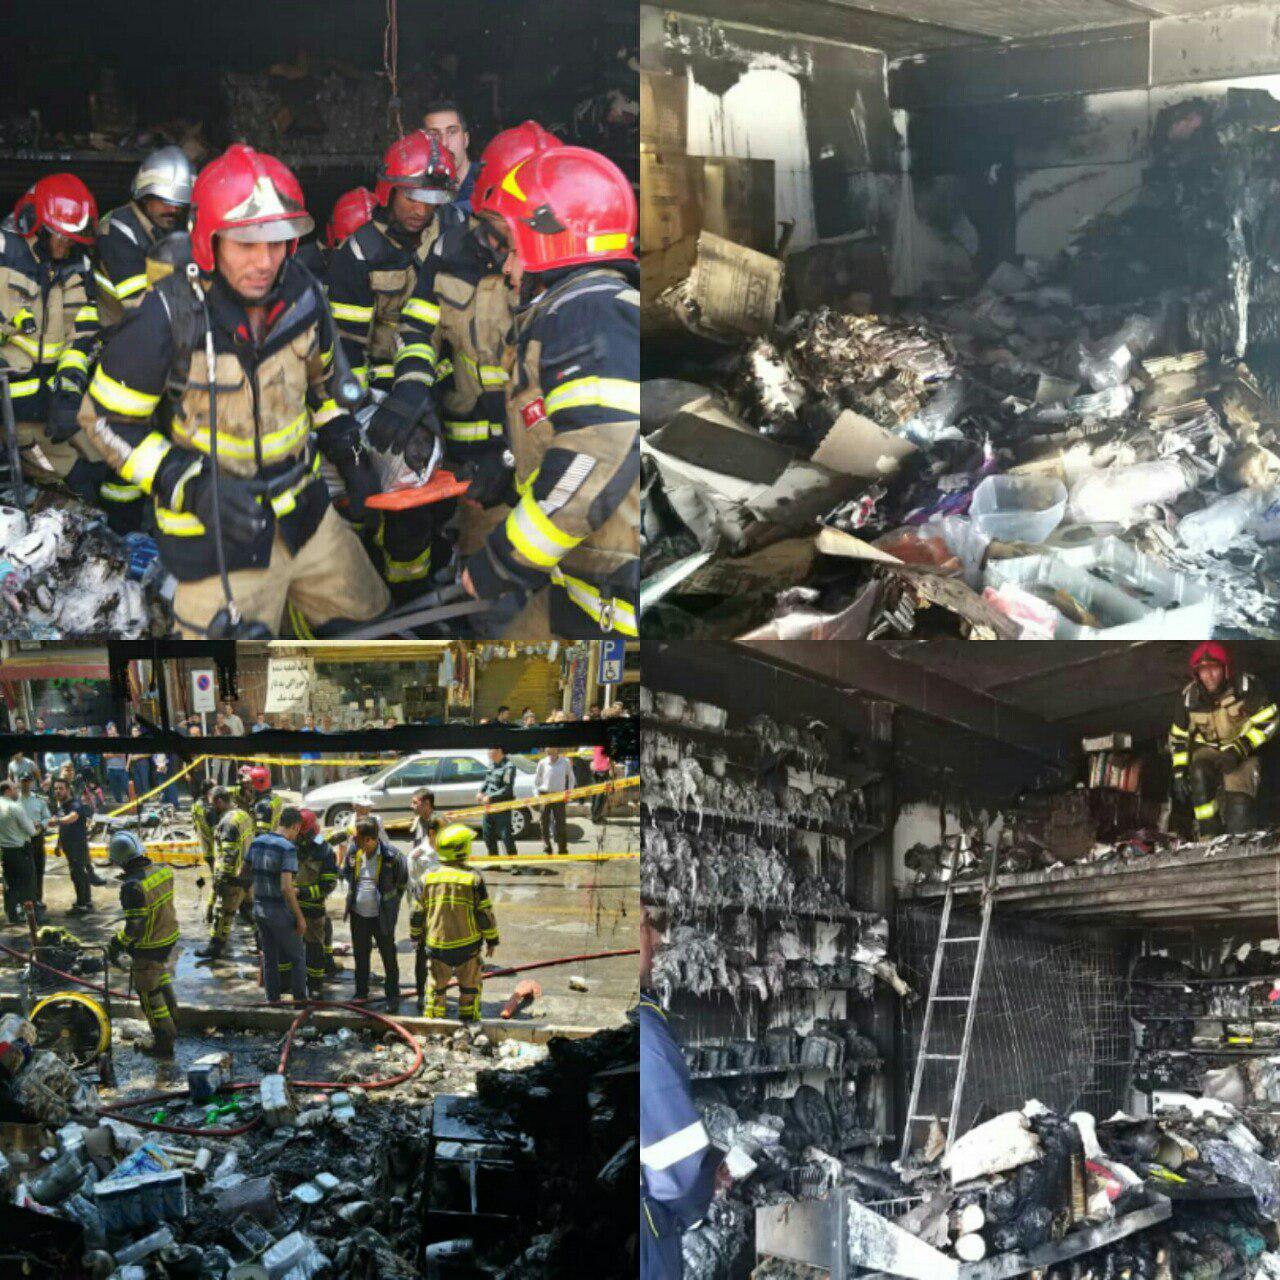 انفجار در مغازه لوازم جشن تولد ۲کشته و مصدوم برجای گذاشت+تصاویر